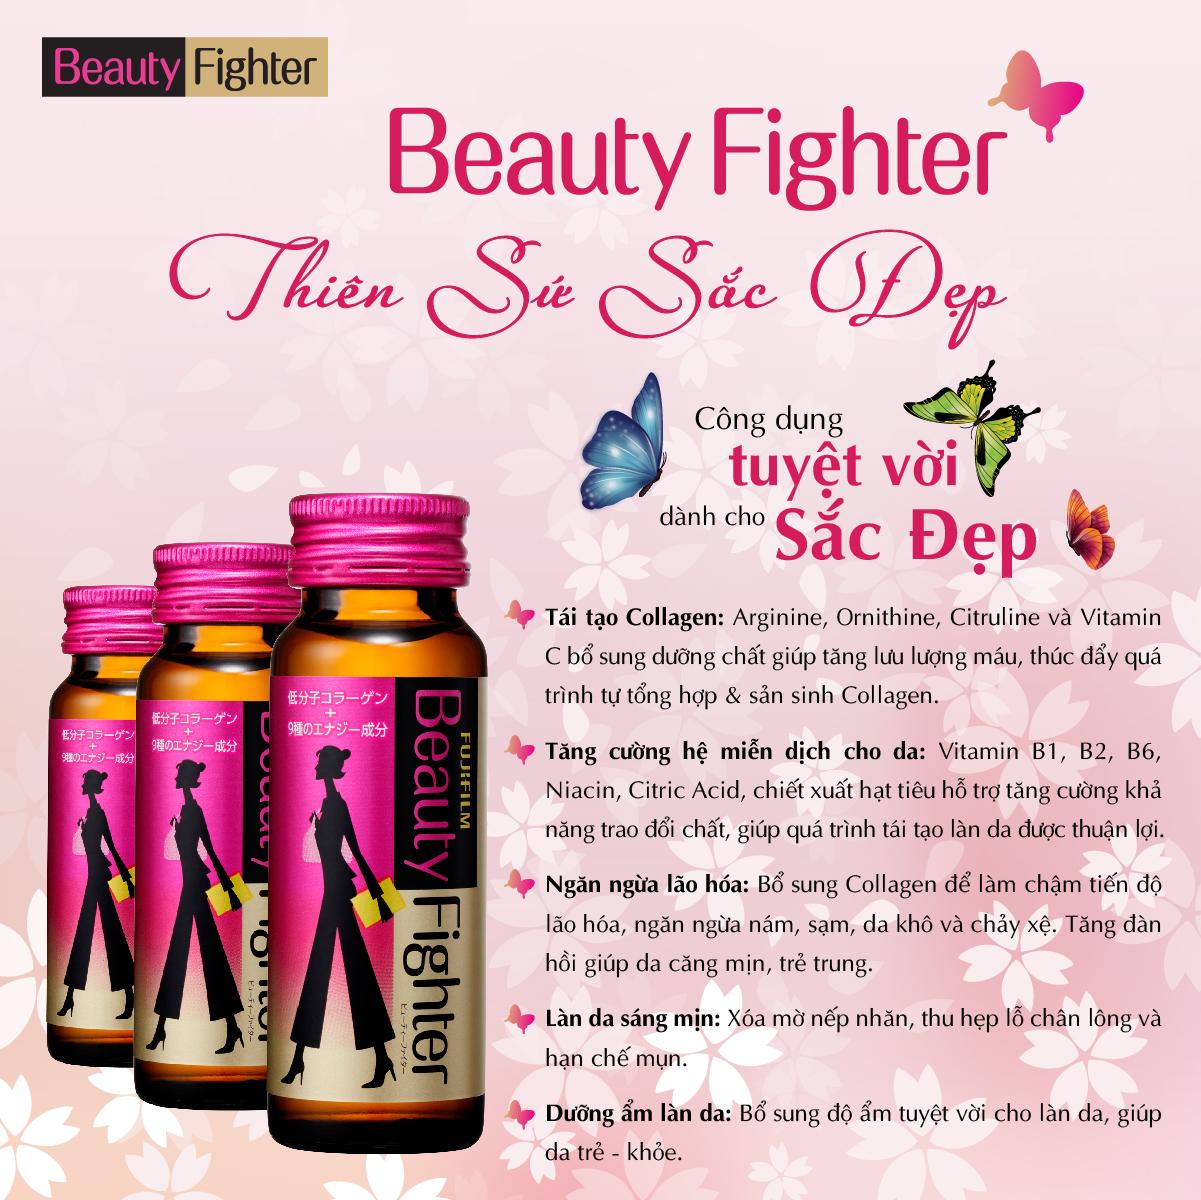 ASTALIFT Beauty Fighter Collagen giúp tái tạo Collagen, tăng cường hệ miễn dịch cho da, ngăn ngừa lão hóa, dưỡng ẩm và làm da sáng mịn.